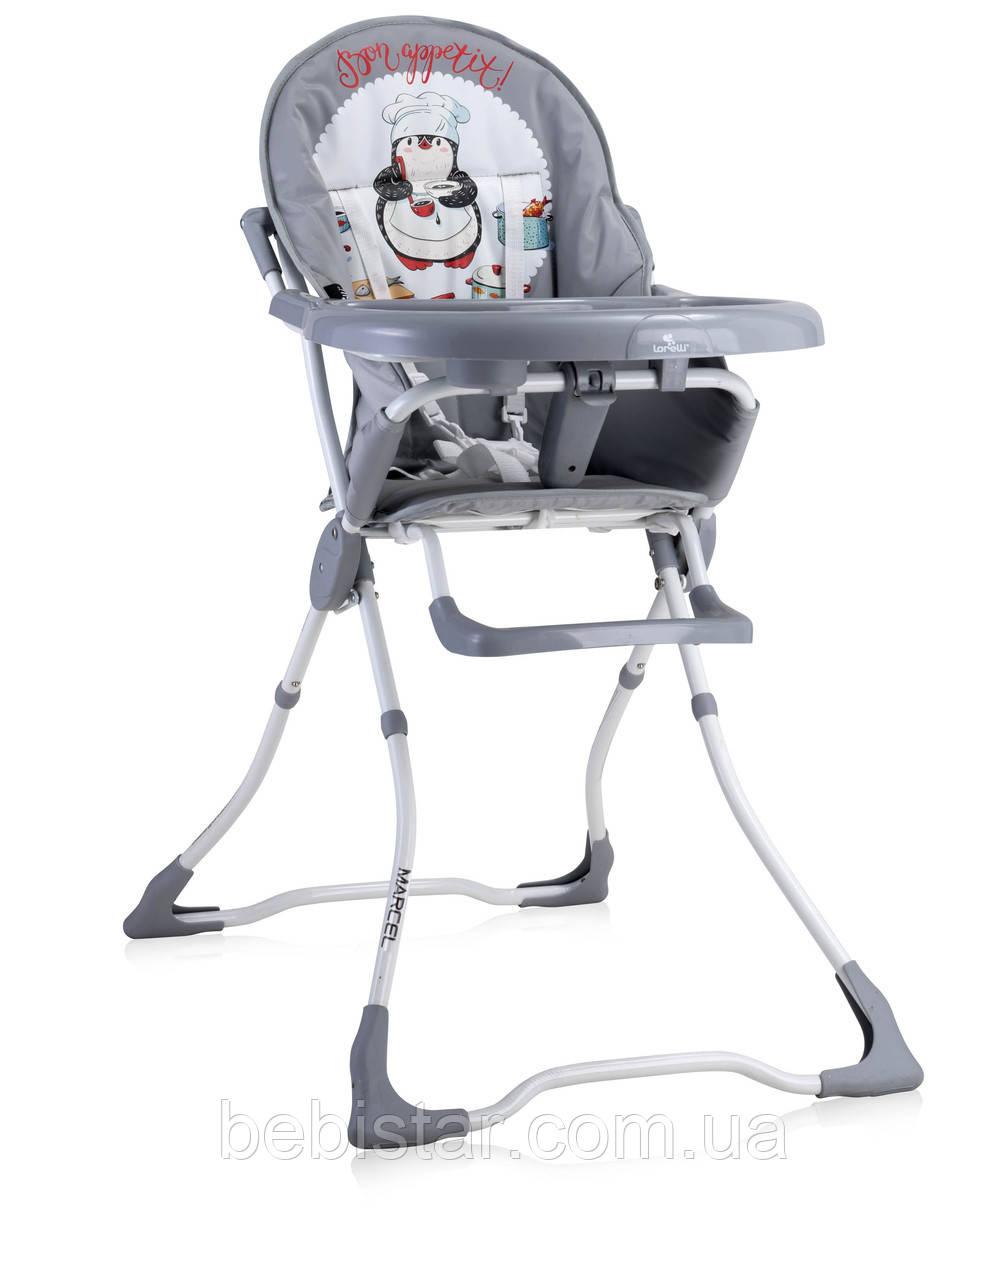 Стульчик для кормления бело-серый Lorelli Marcel на вес ребенка до 15 кг с полугода до 3-х лет